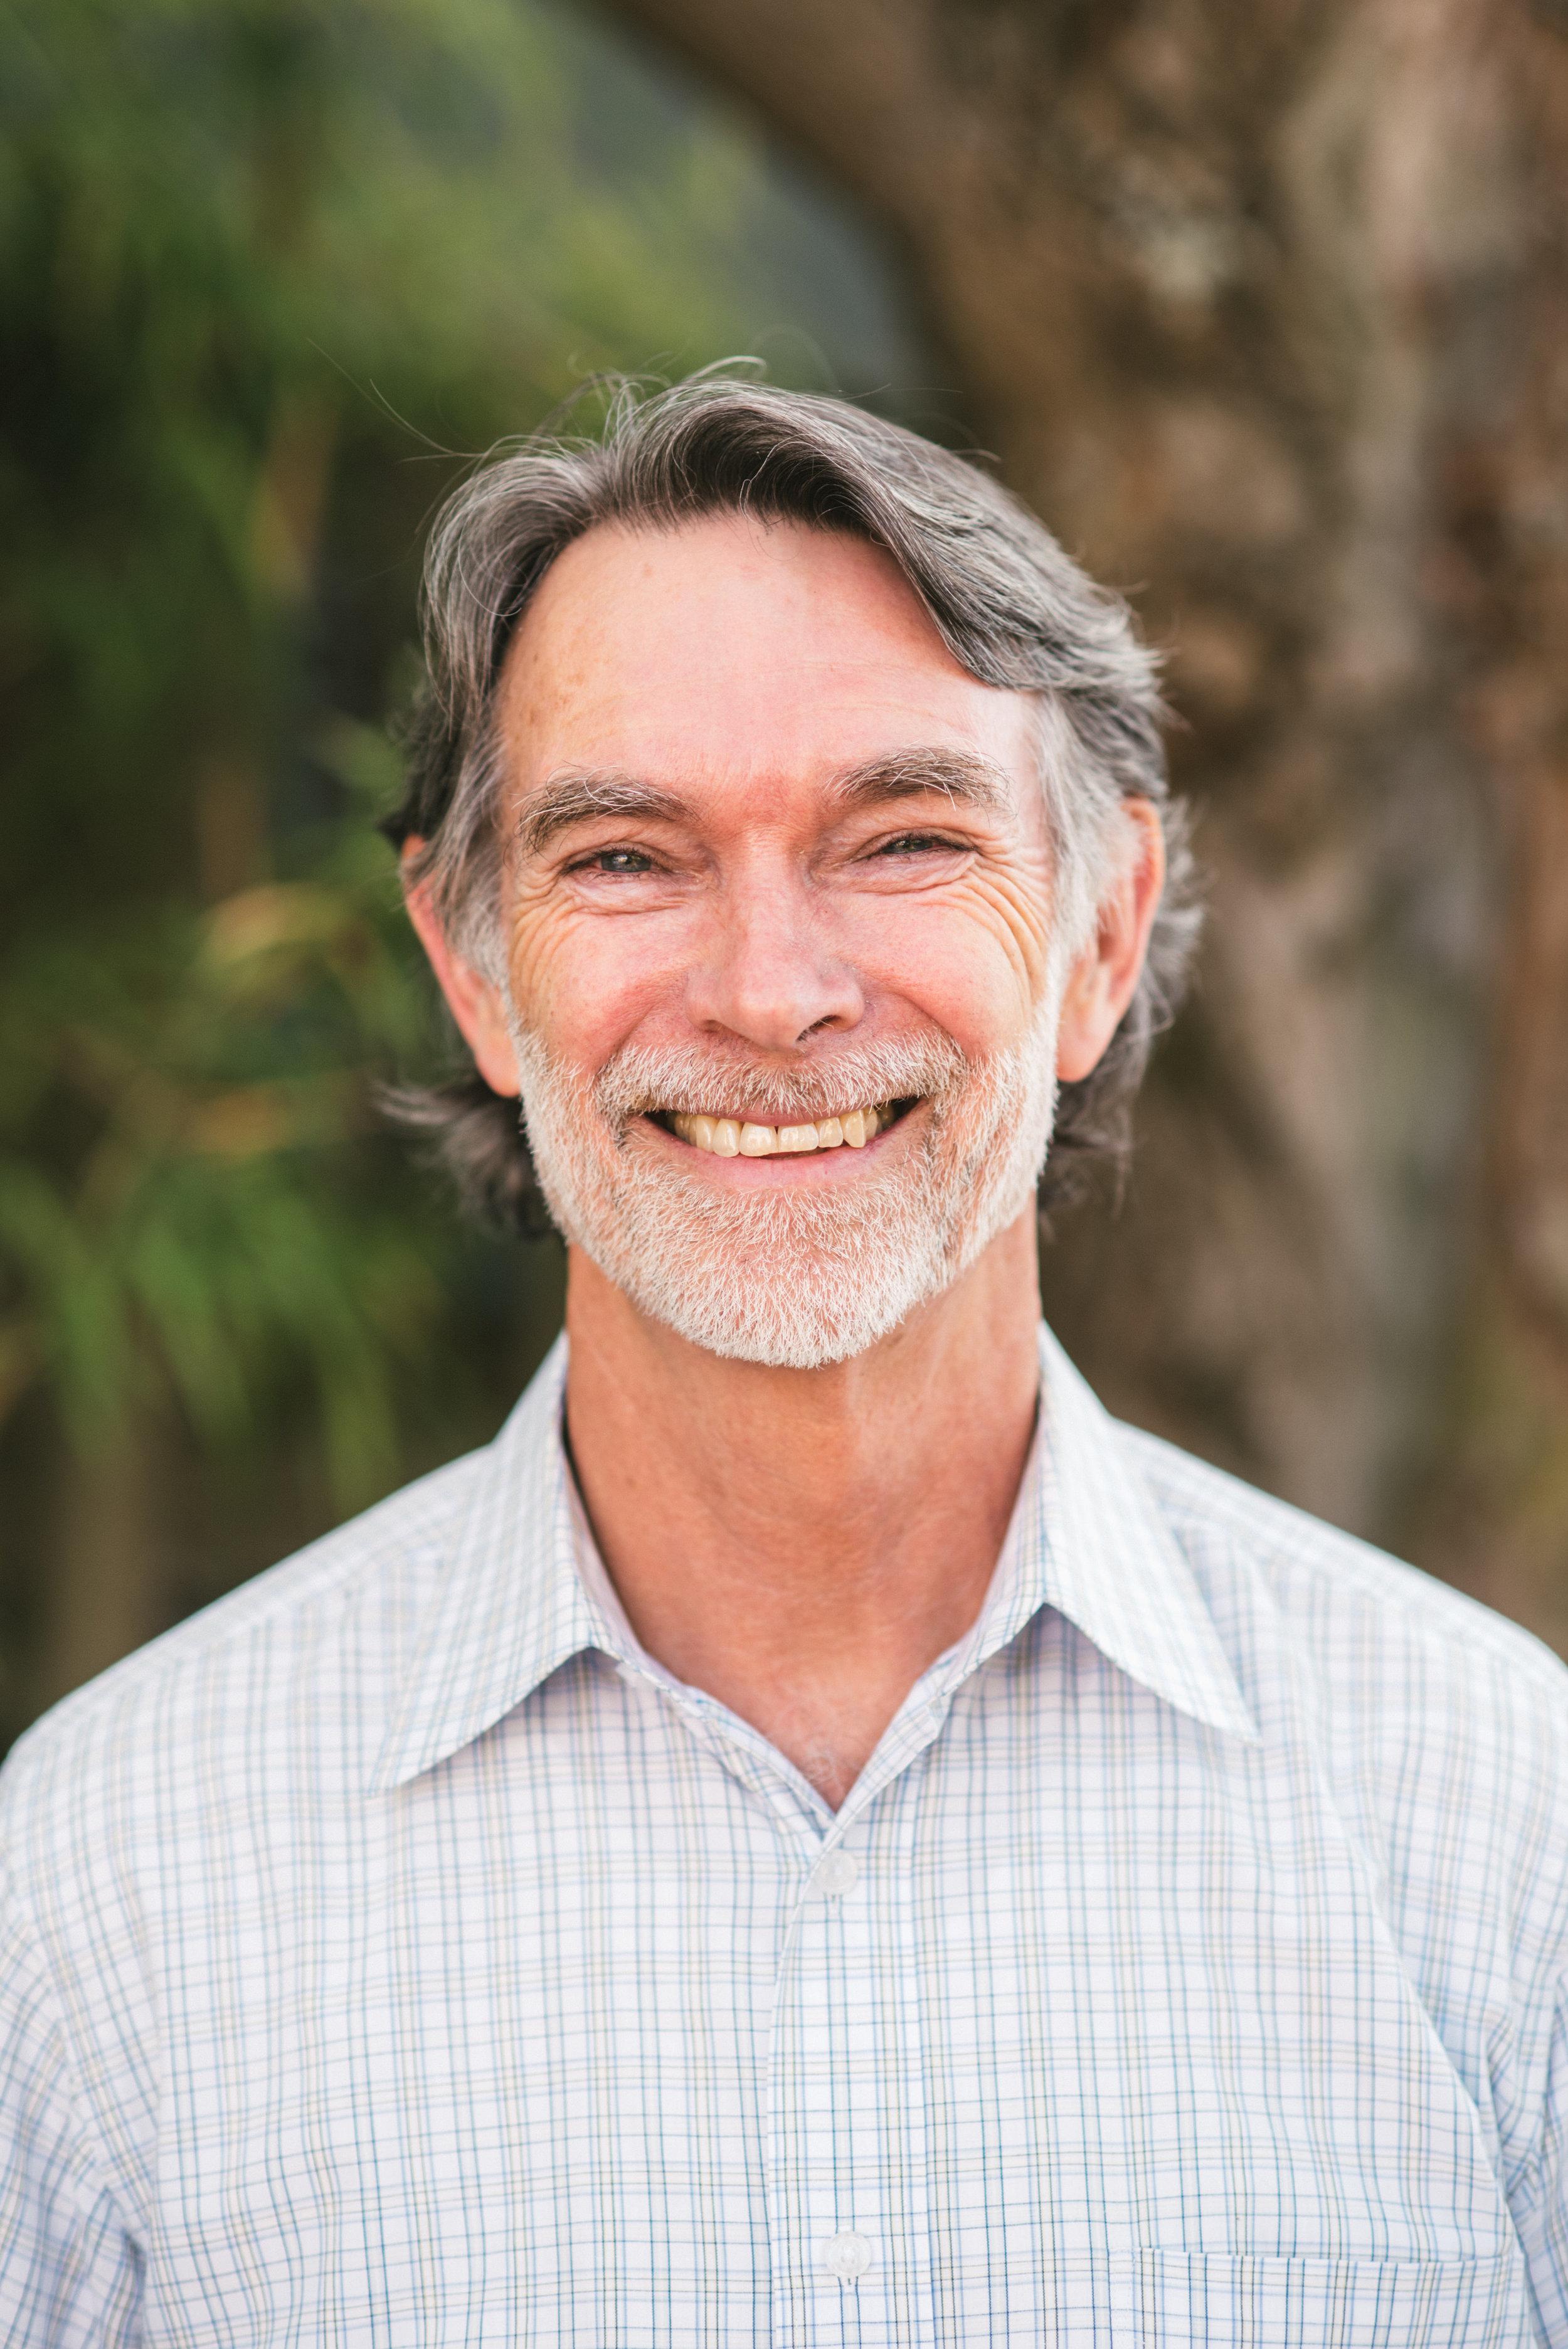 Denny Conner, Owner/Founder